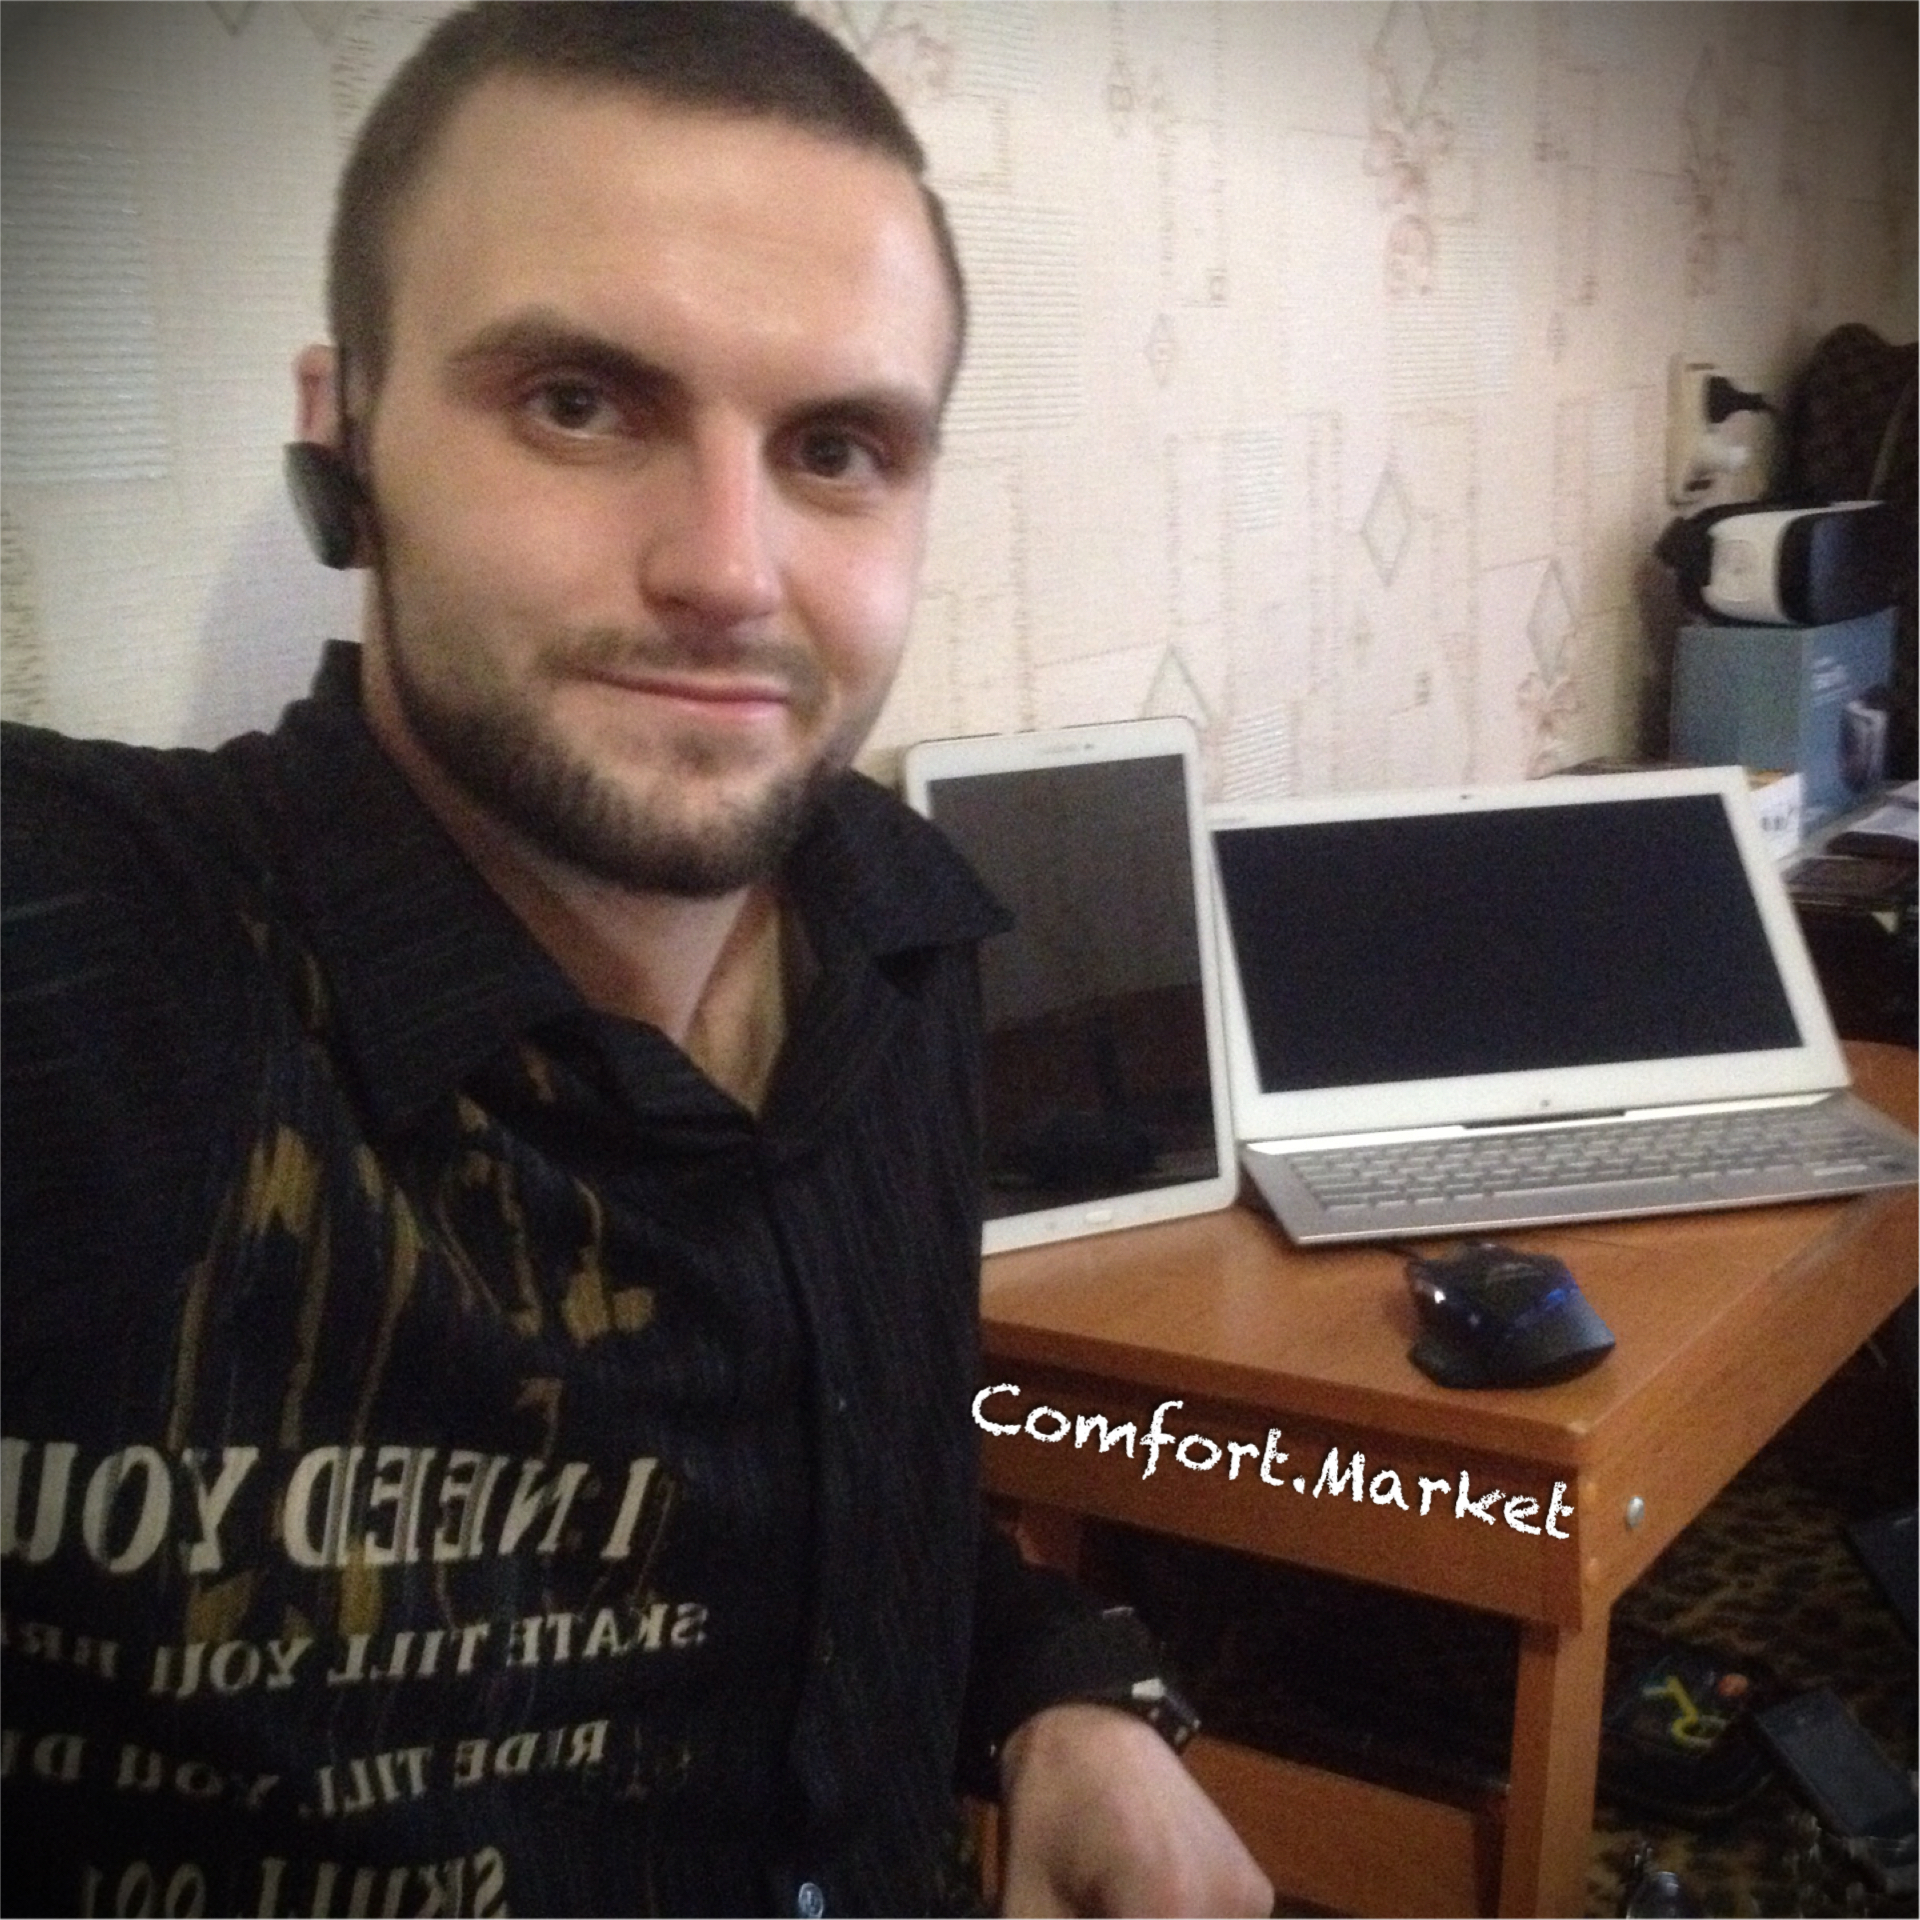 Предприниматель, создатель сайта Comfort Market в Украине - Королев Алексей.